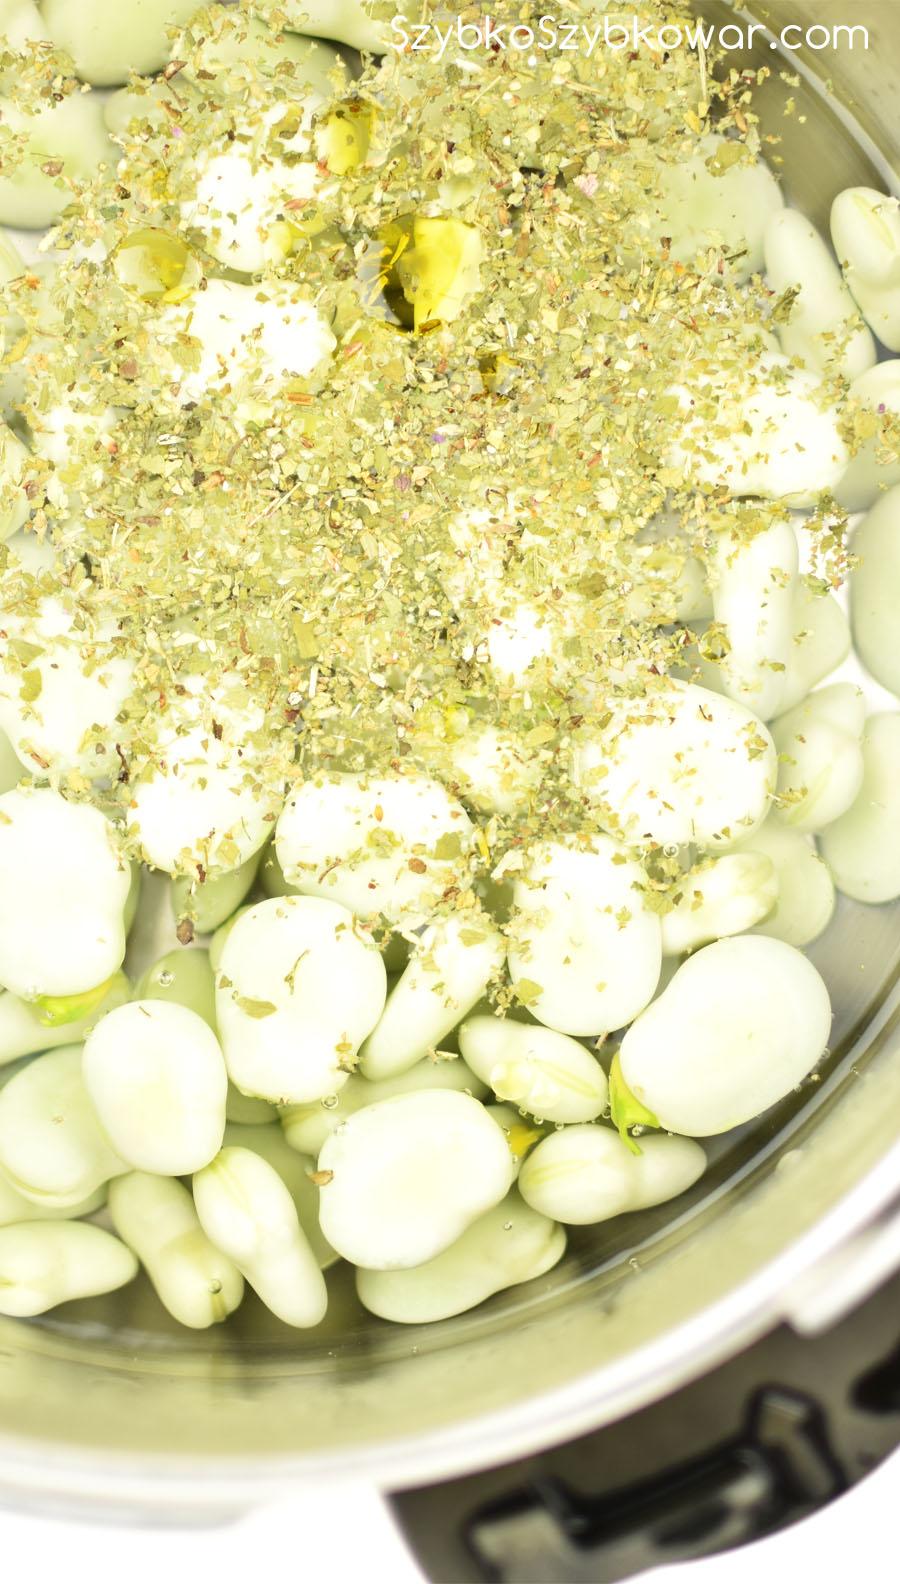 Dodane zioła, oliwa i sól.